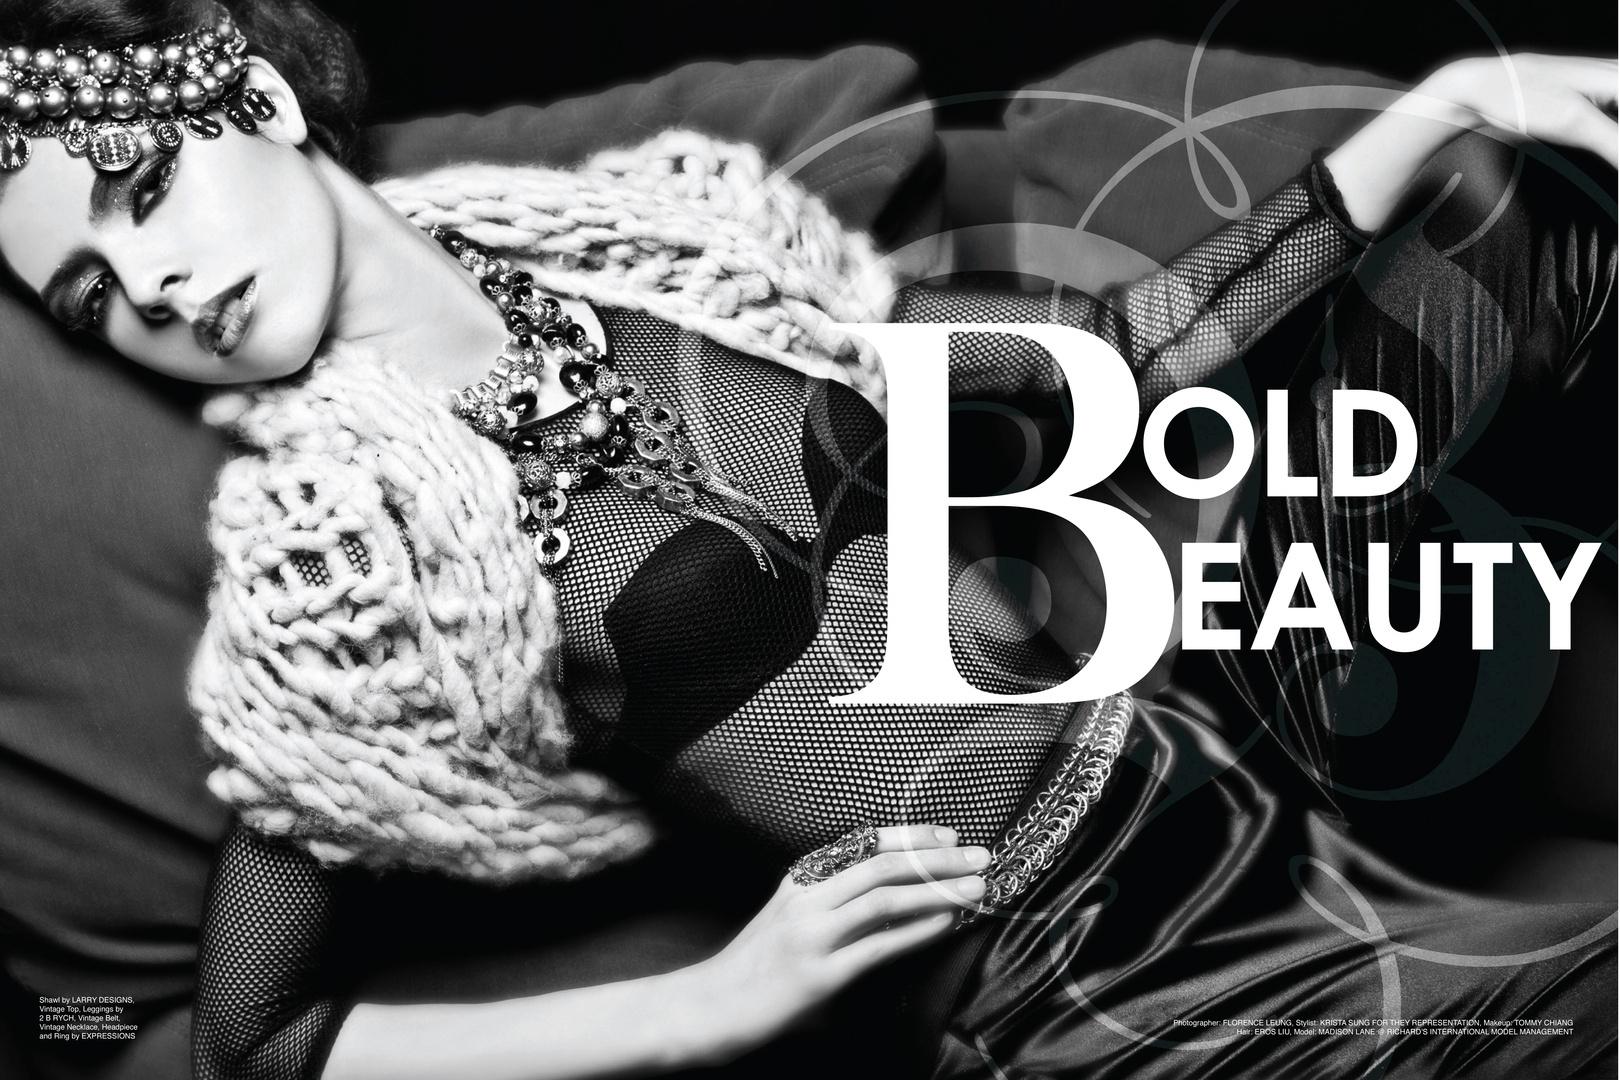 bold-beauty-1full.jpg